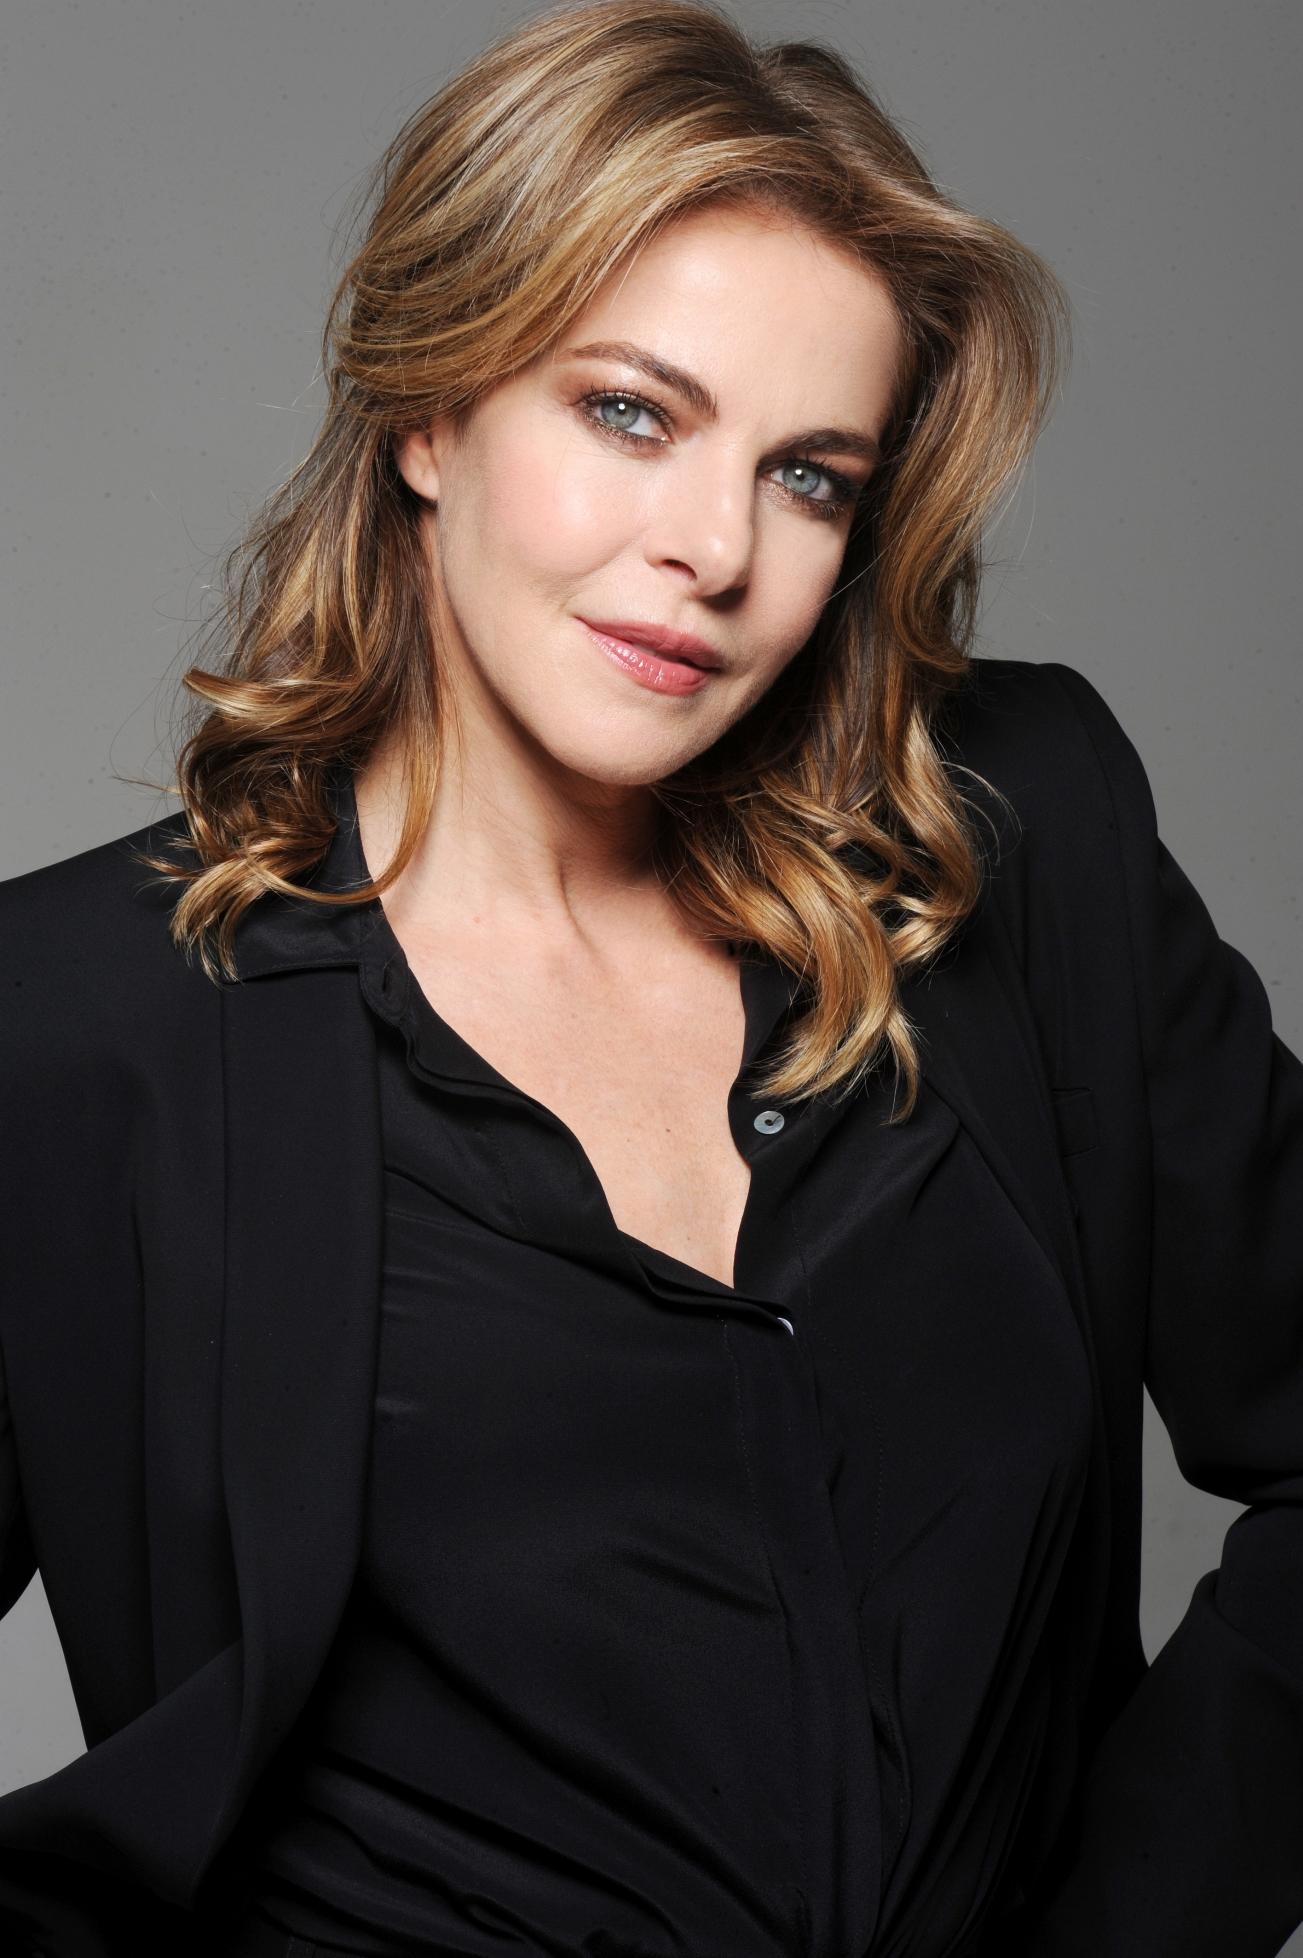 Amore e altri rimedi: Claudia Gerini in una foto promozionale